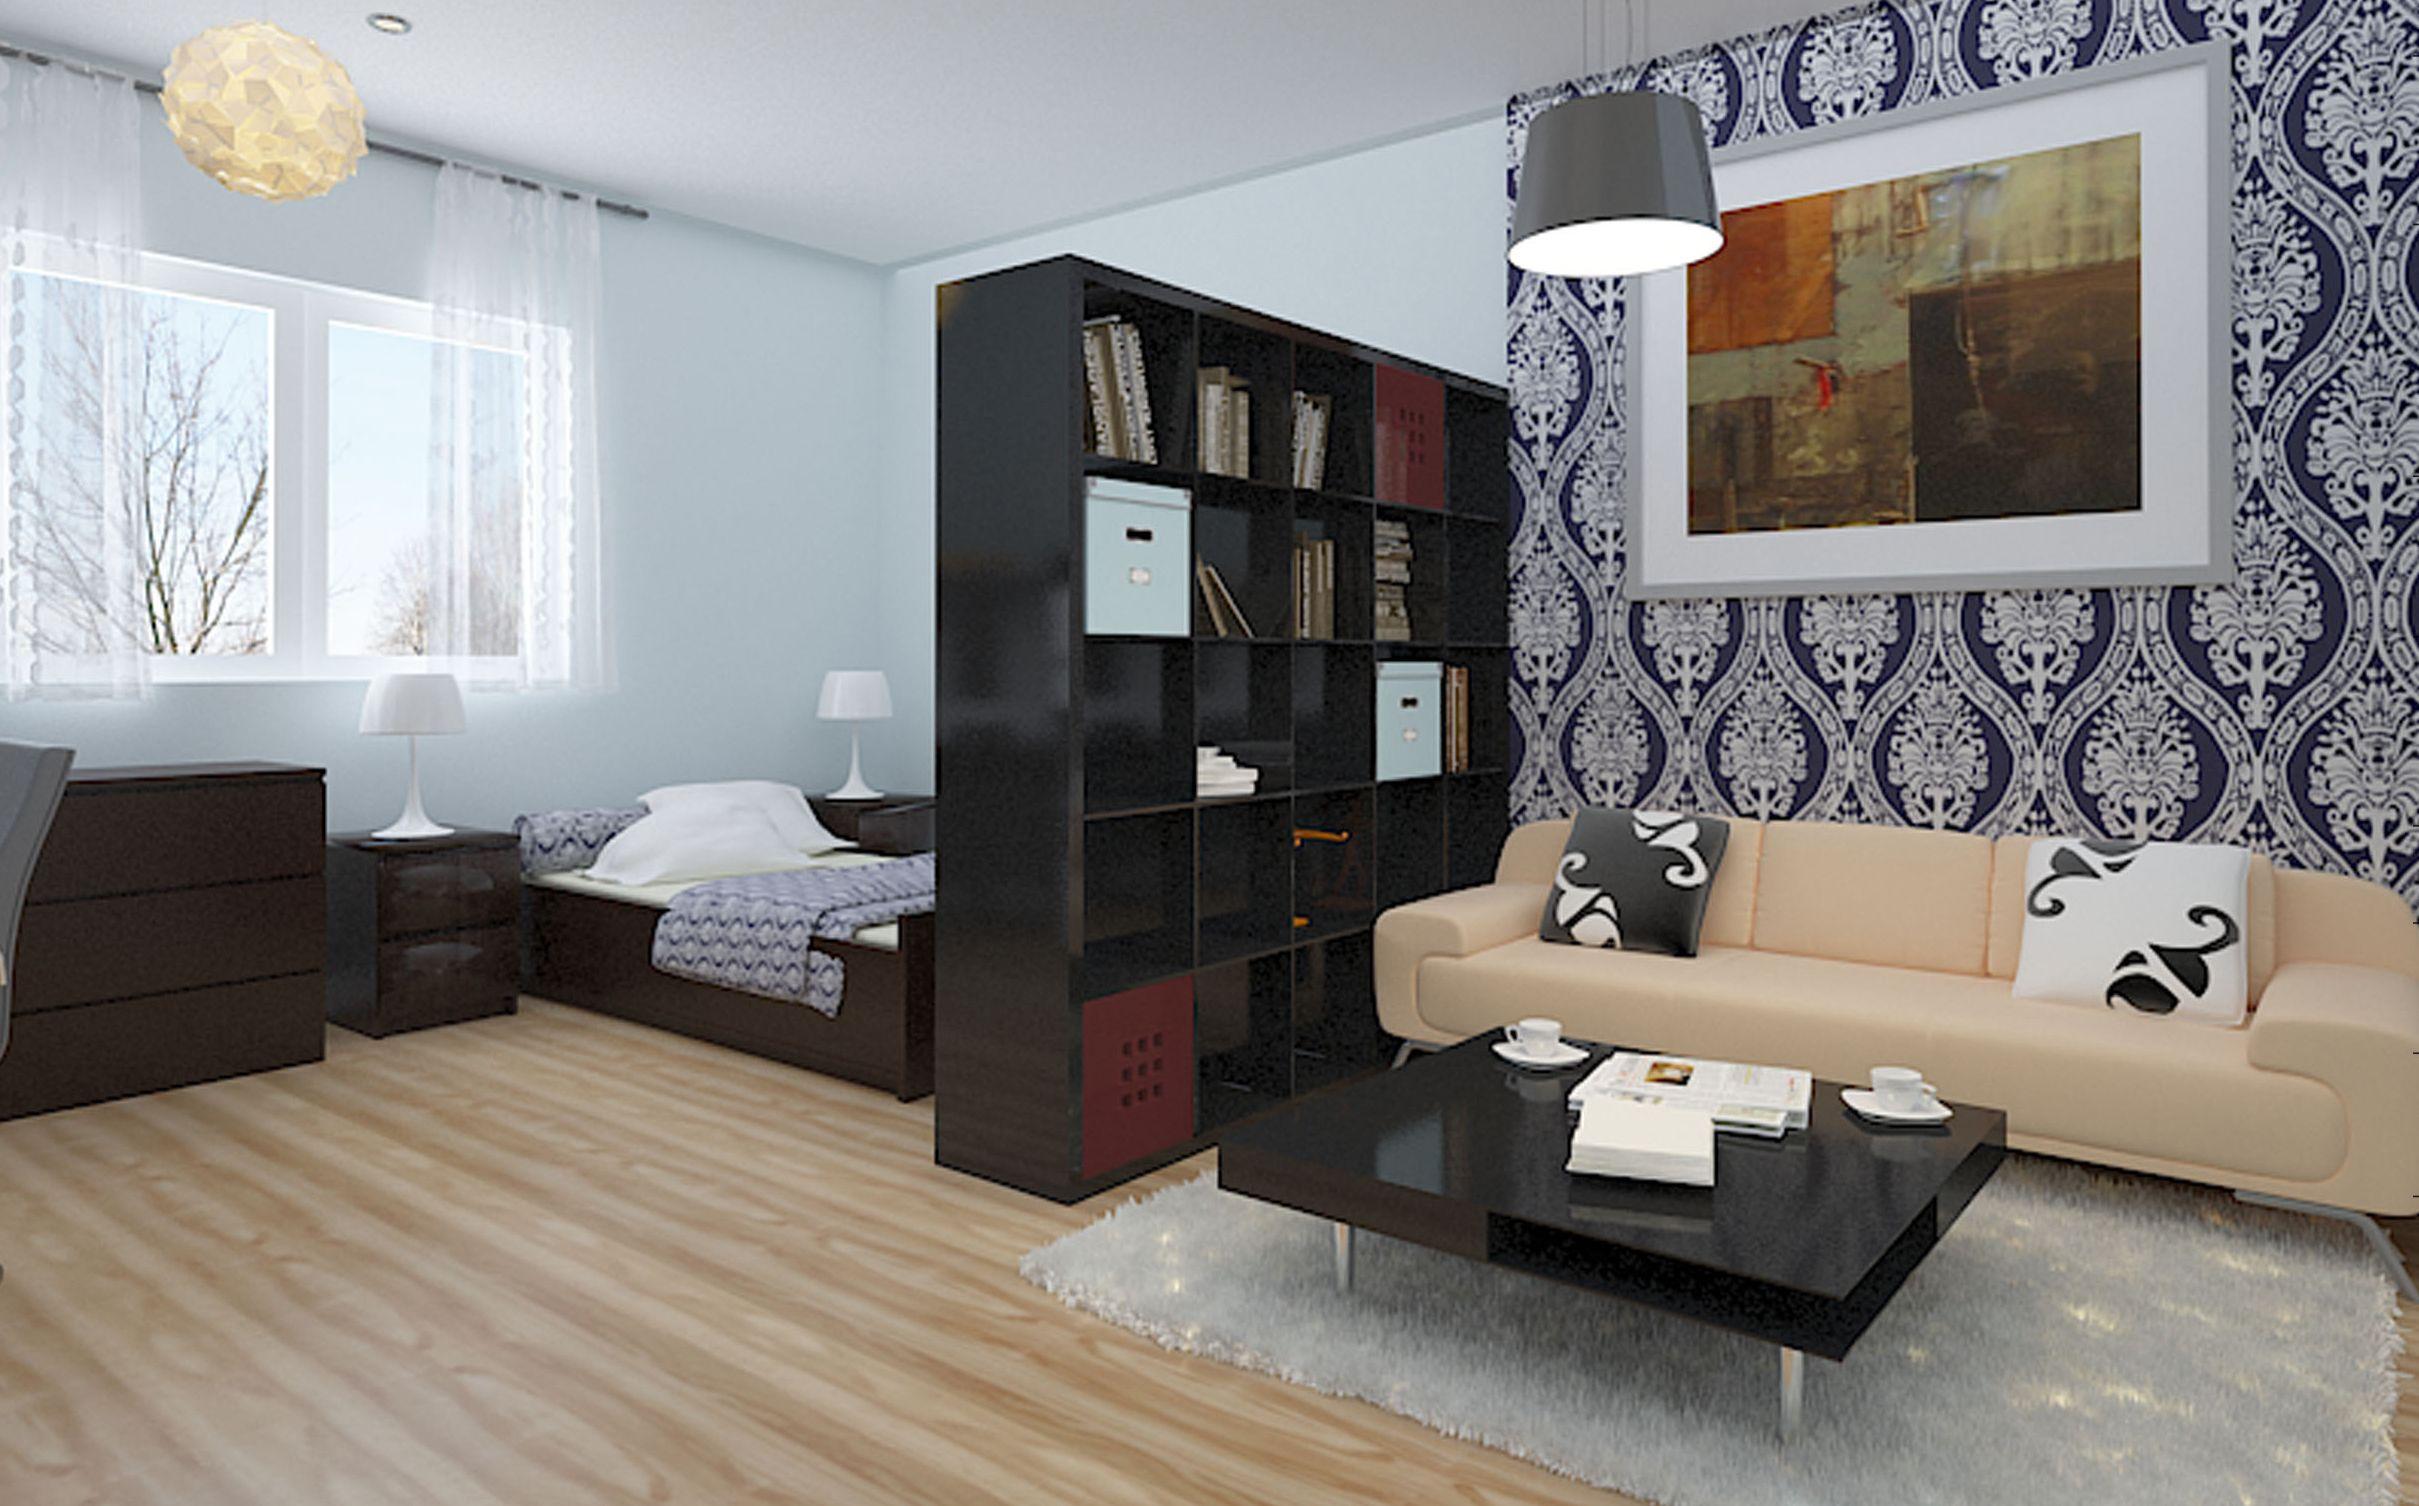 600 Sq Ft Apartment Decorating Ideas Studio Apartment Design Ideas